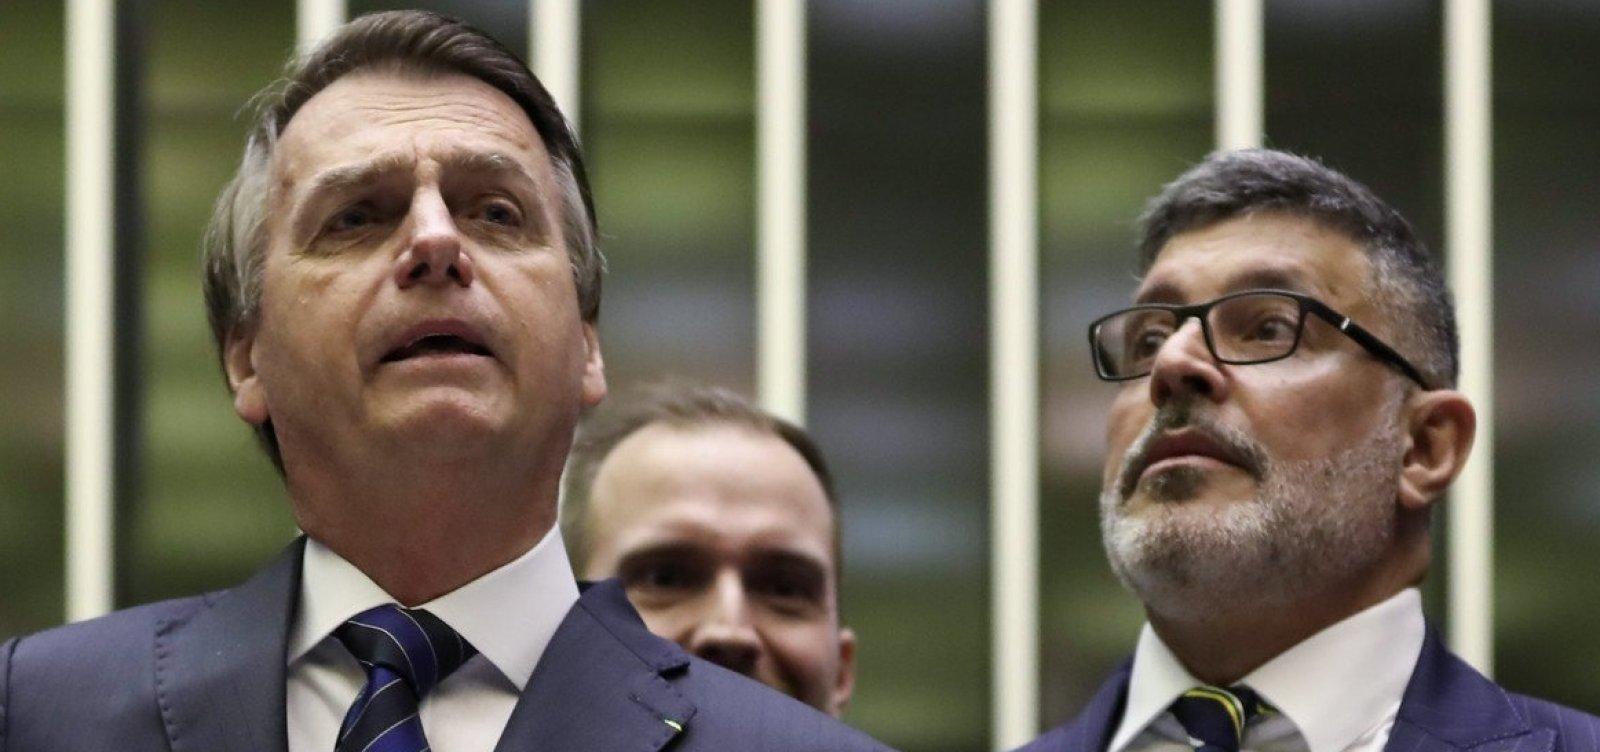 ['Me perguntou se o príncipe era gay', diz Frota sobre desistência de Bolsonaro de tornar Luiz Philippe vice]